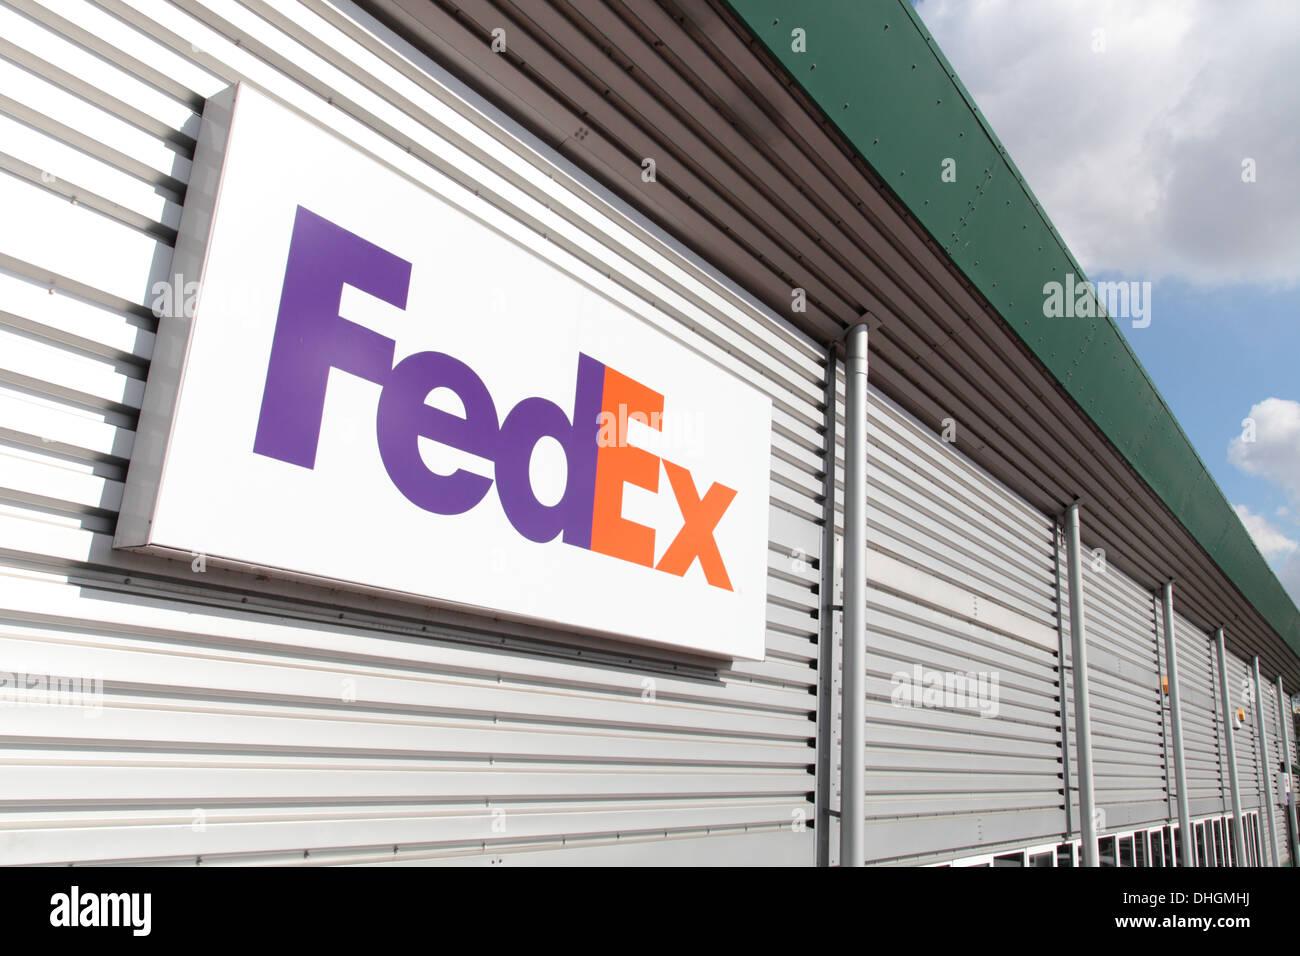 FedEx signage on distribution unit - Stock Image